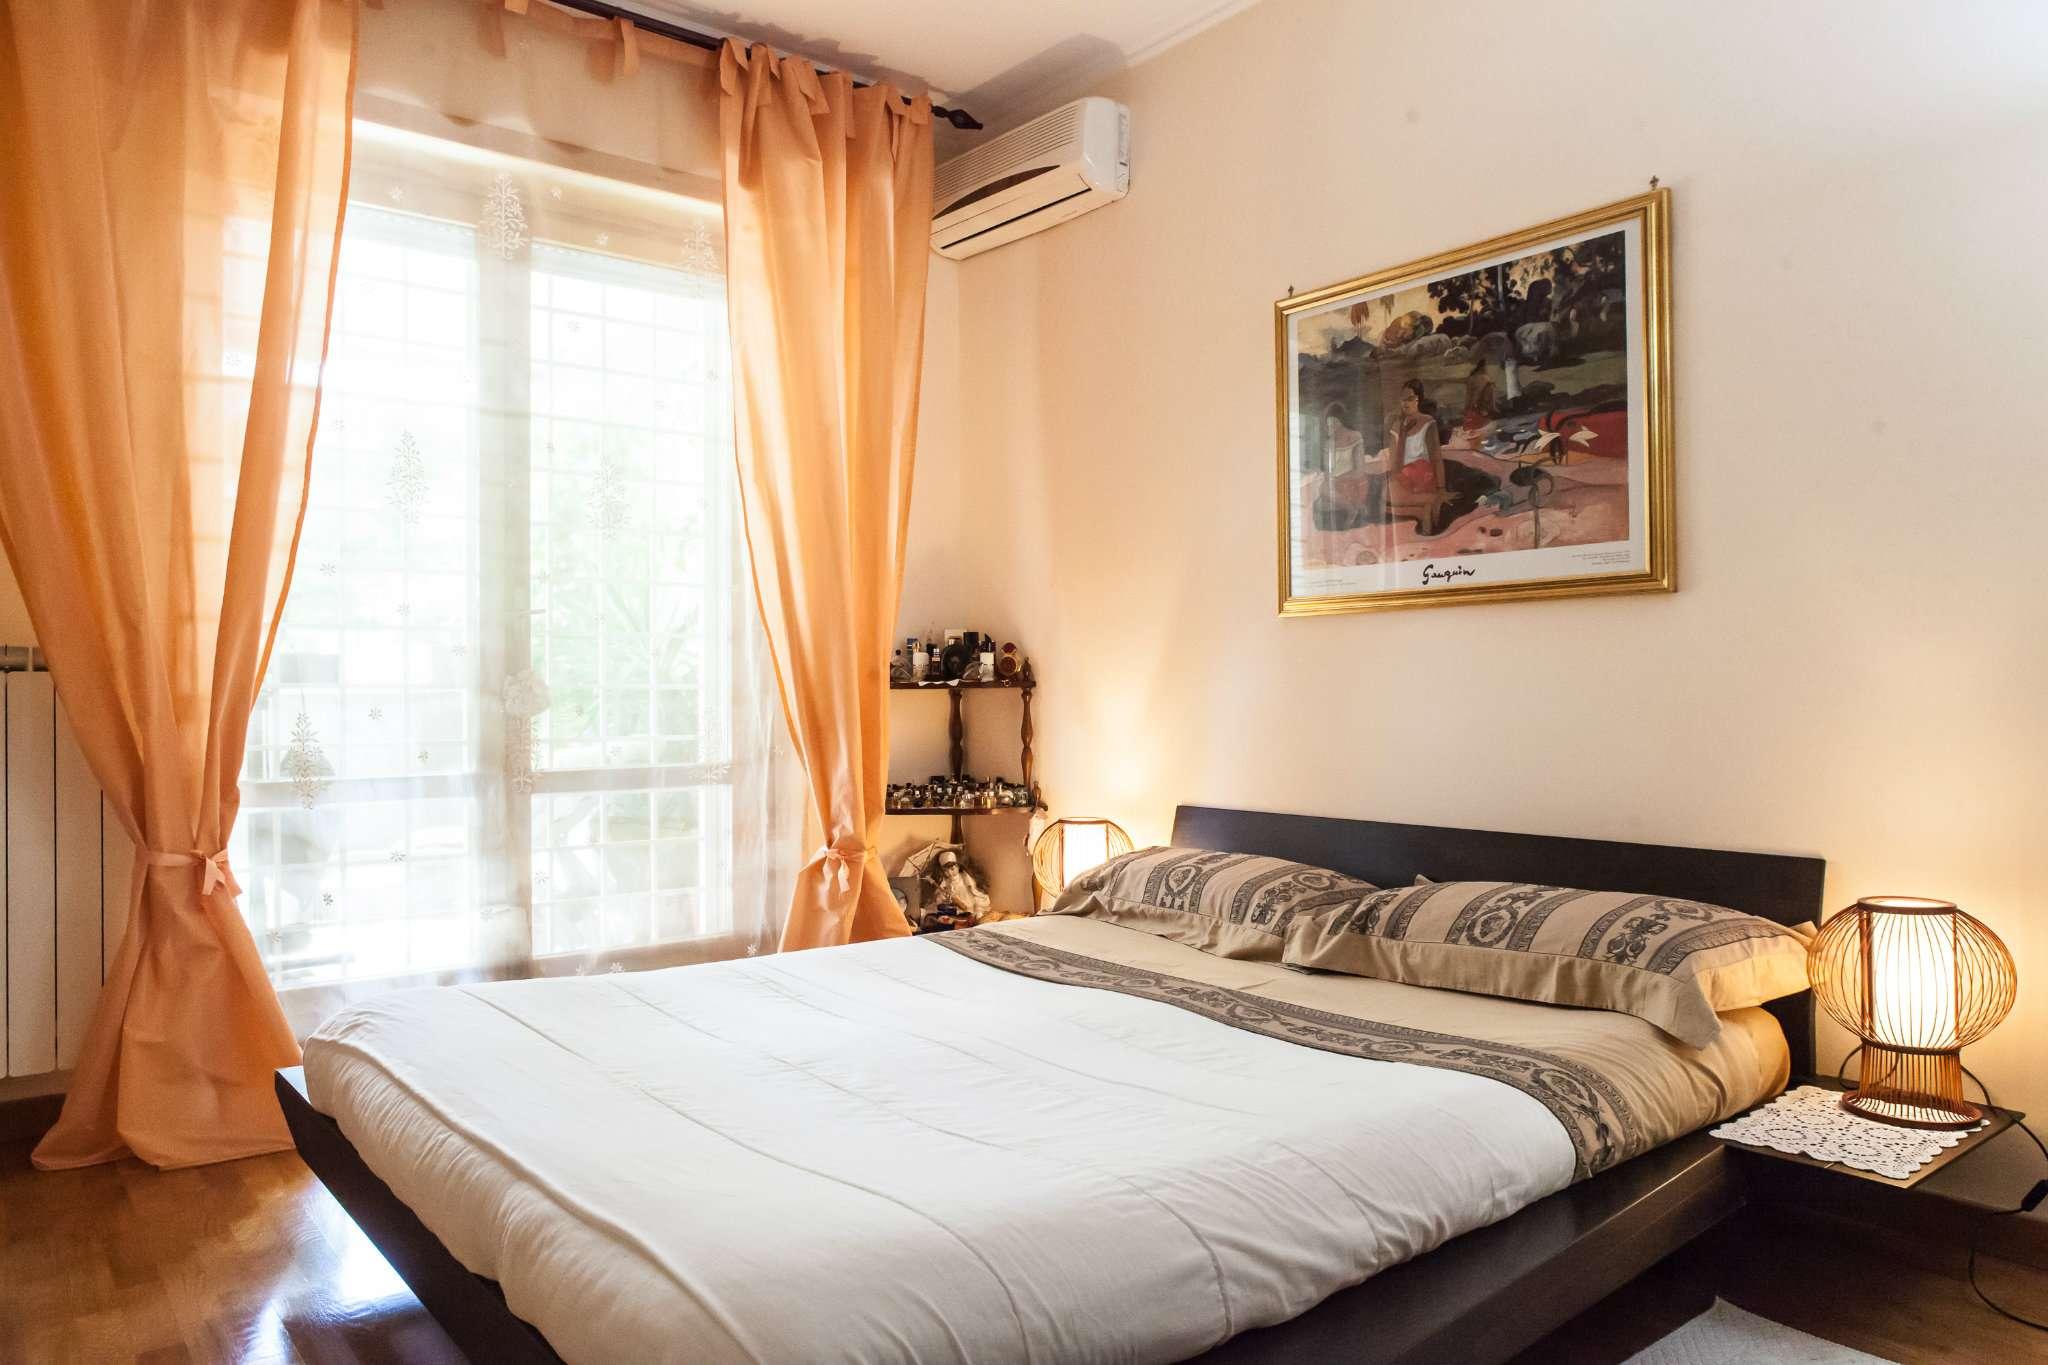 Appartamento in vendita 3 vani 90 mq.  via Trasaghis Roma